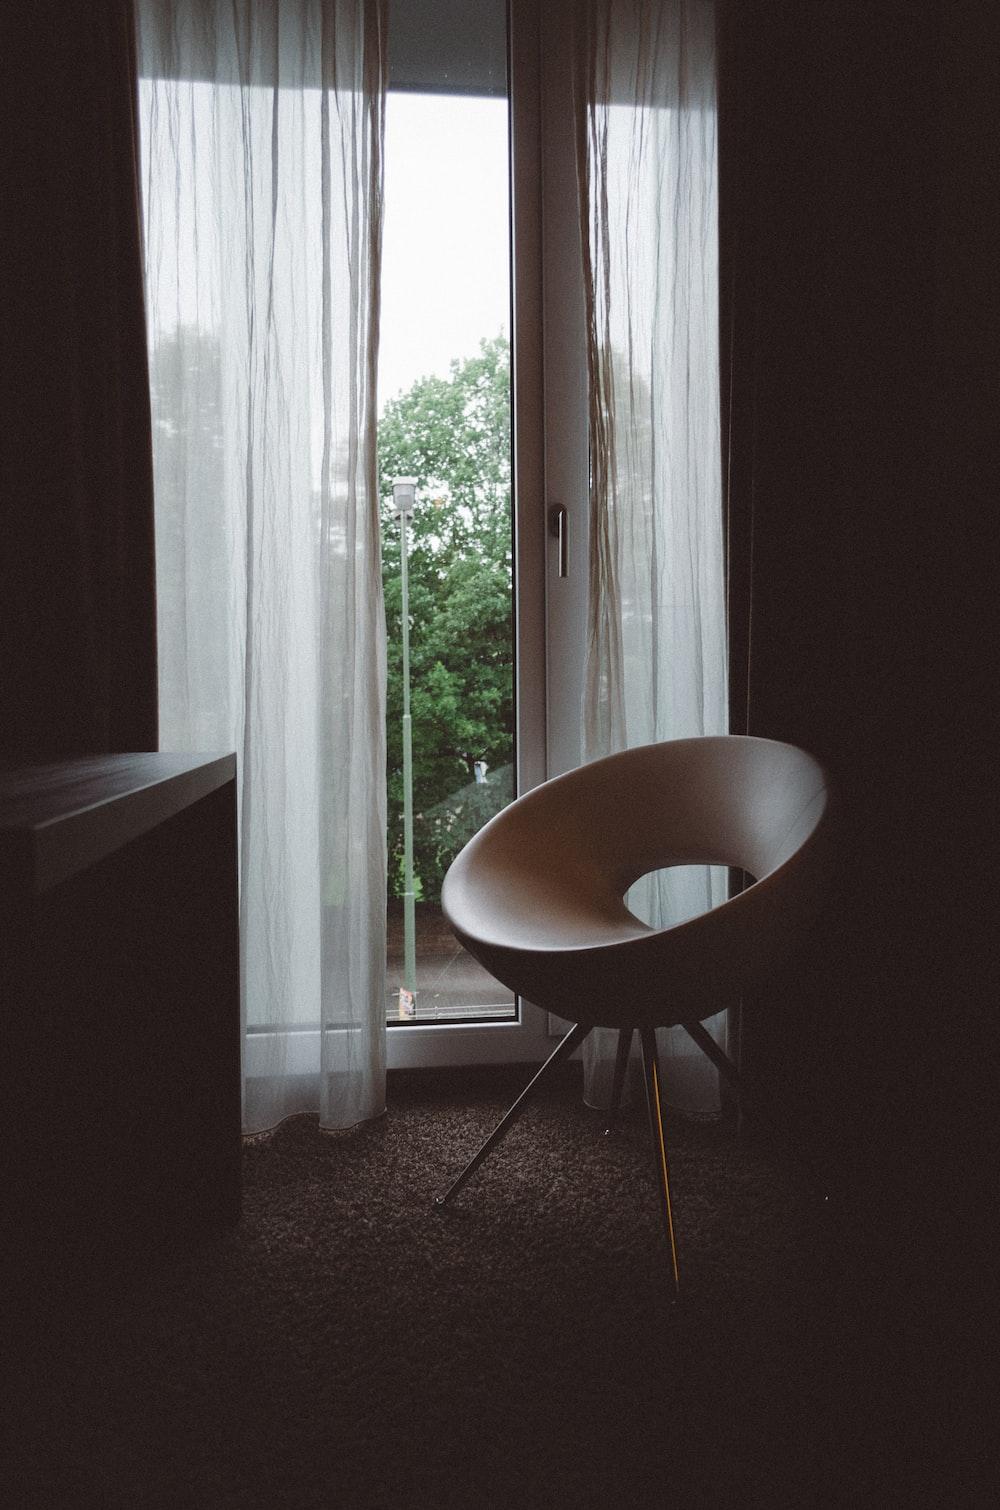 brown chair beside glass door